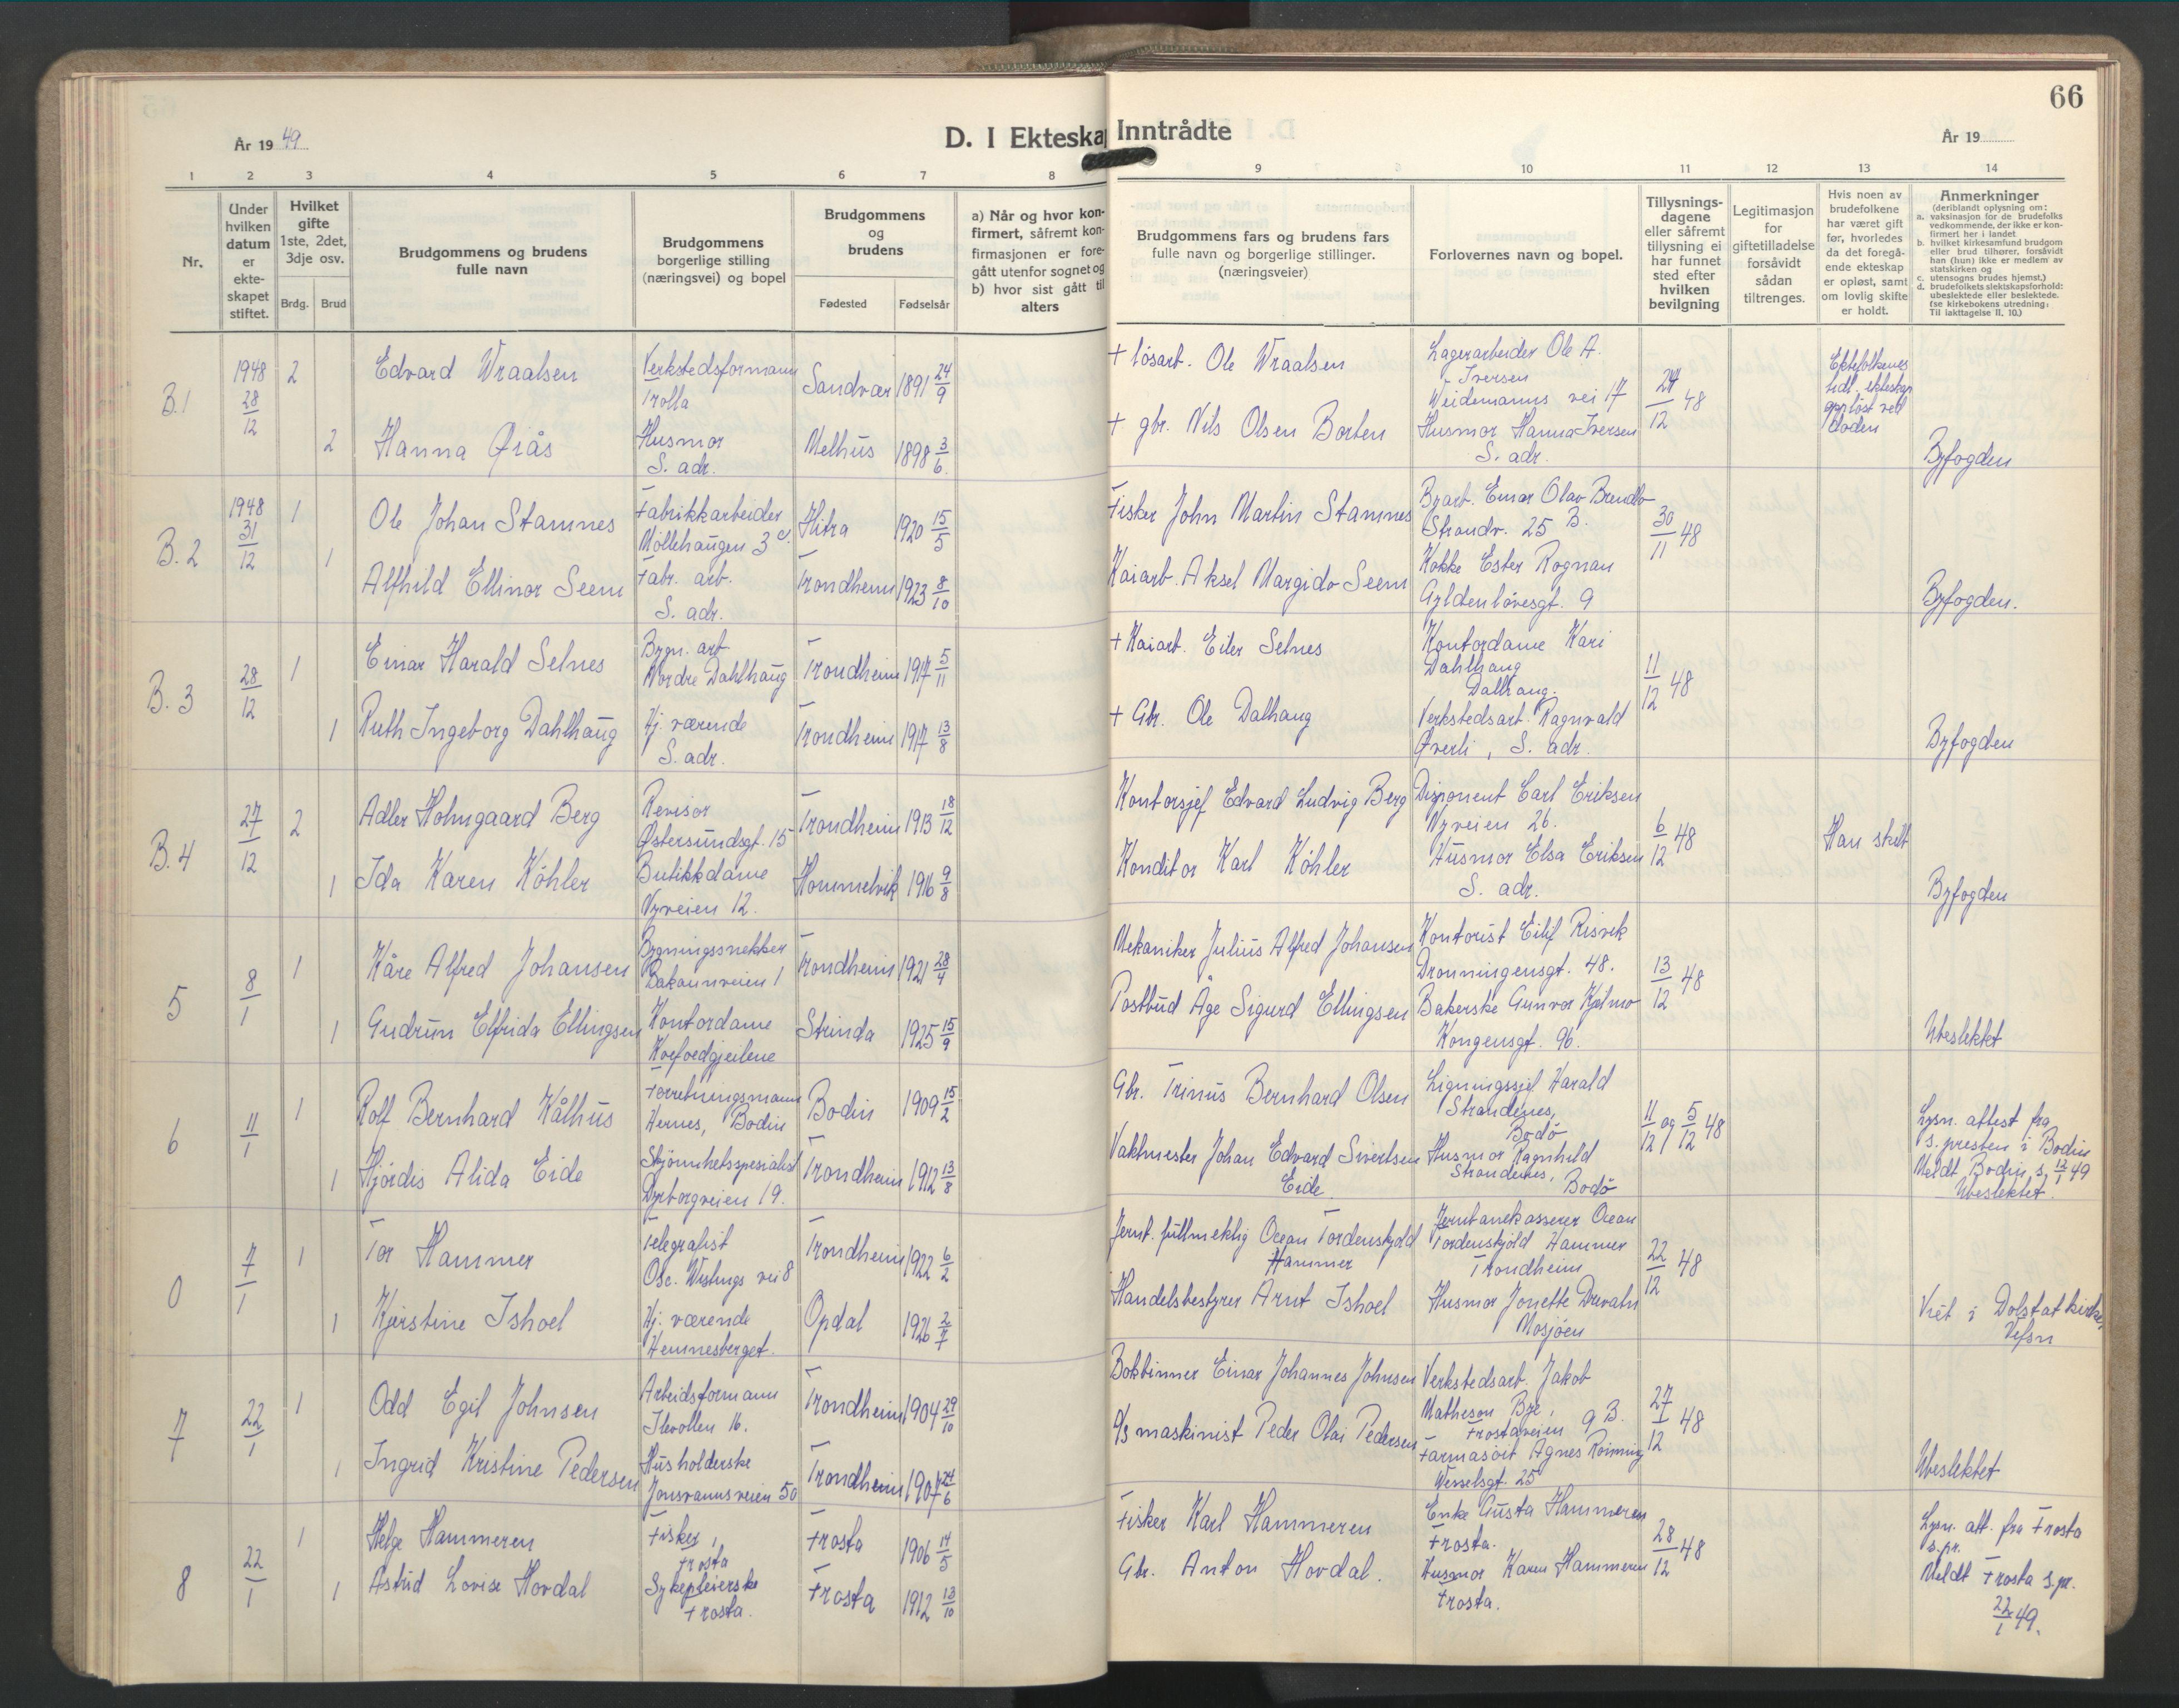 SAT, Ministerialprotokoller, klokkerbøker og fødselsregistre - Sør-Trøndelag, 603/L0177: Klokkerbok nr. 603C05, 1941-1952, s. 66